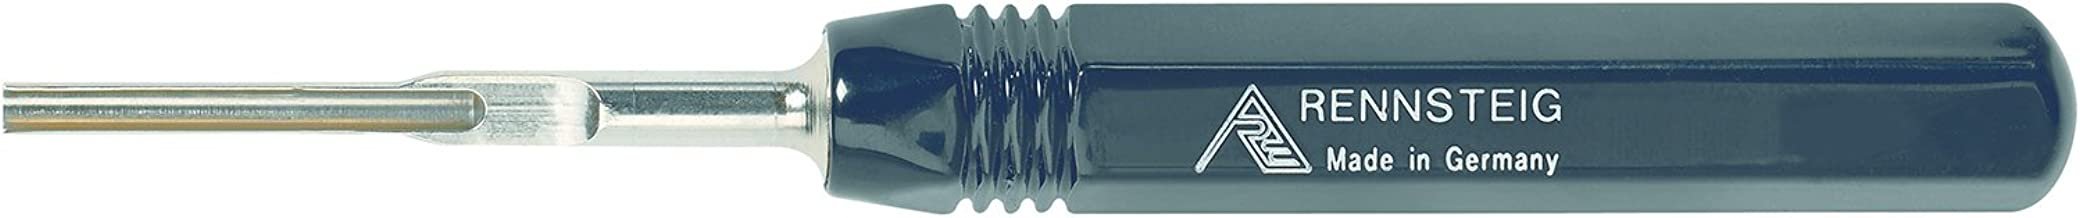 رينستيج 680 090 4 ادوات متعدده الاستخدام 680 090